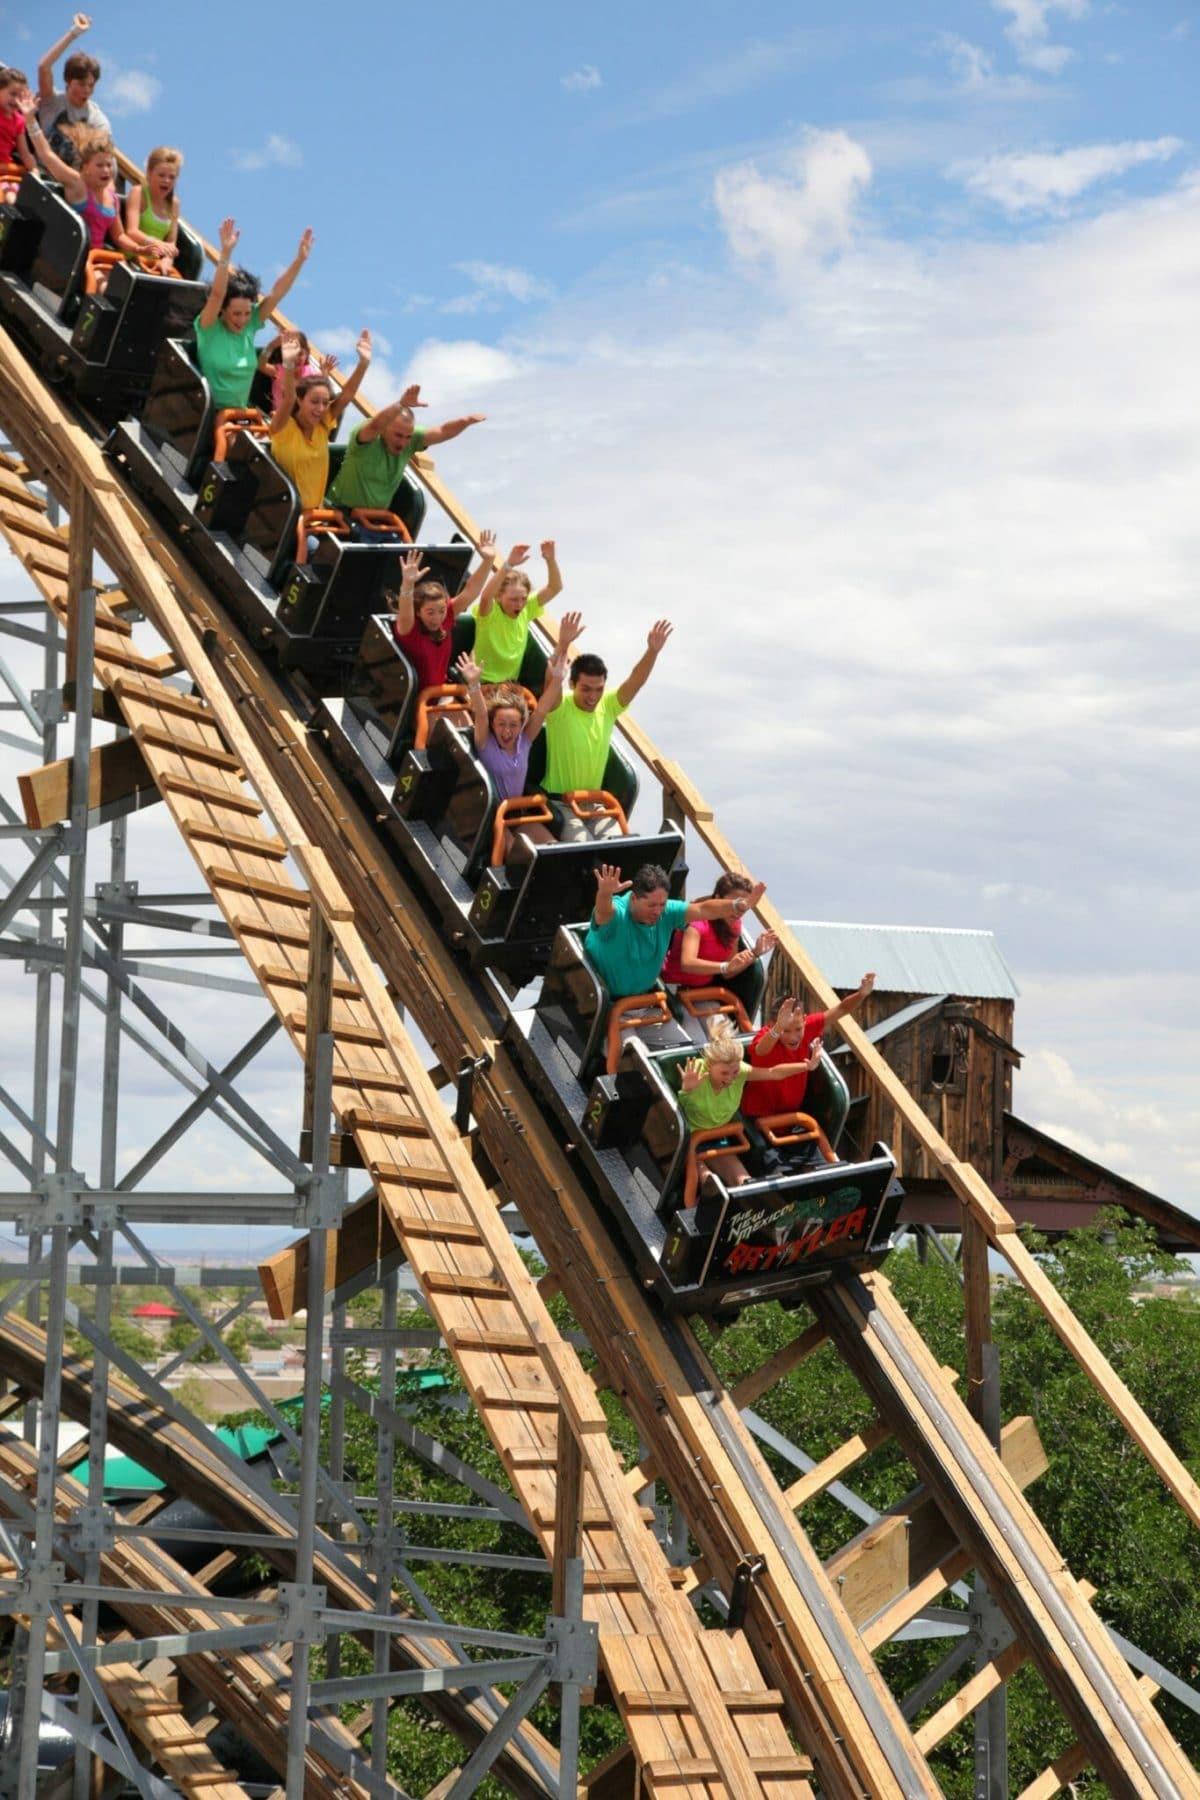 Rattler - Courtesy Cliff's Amusement Park